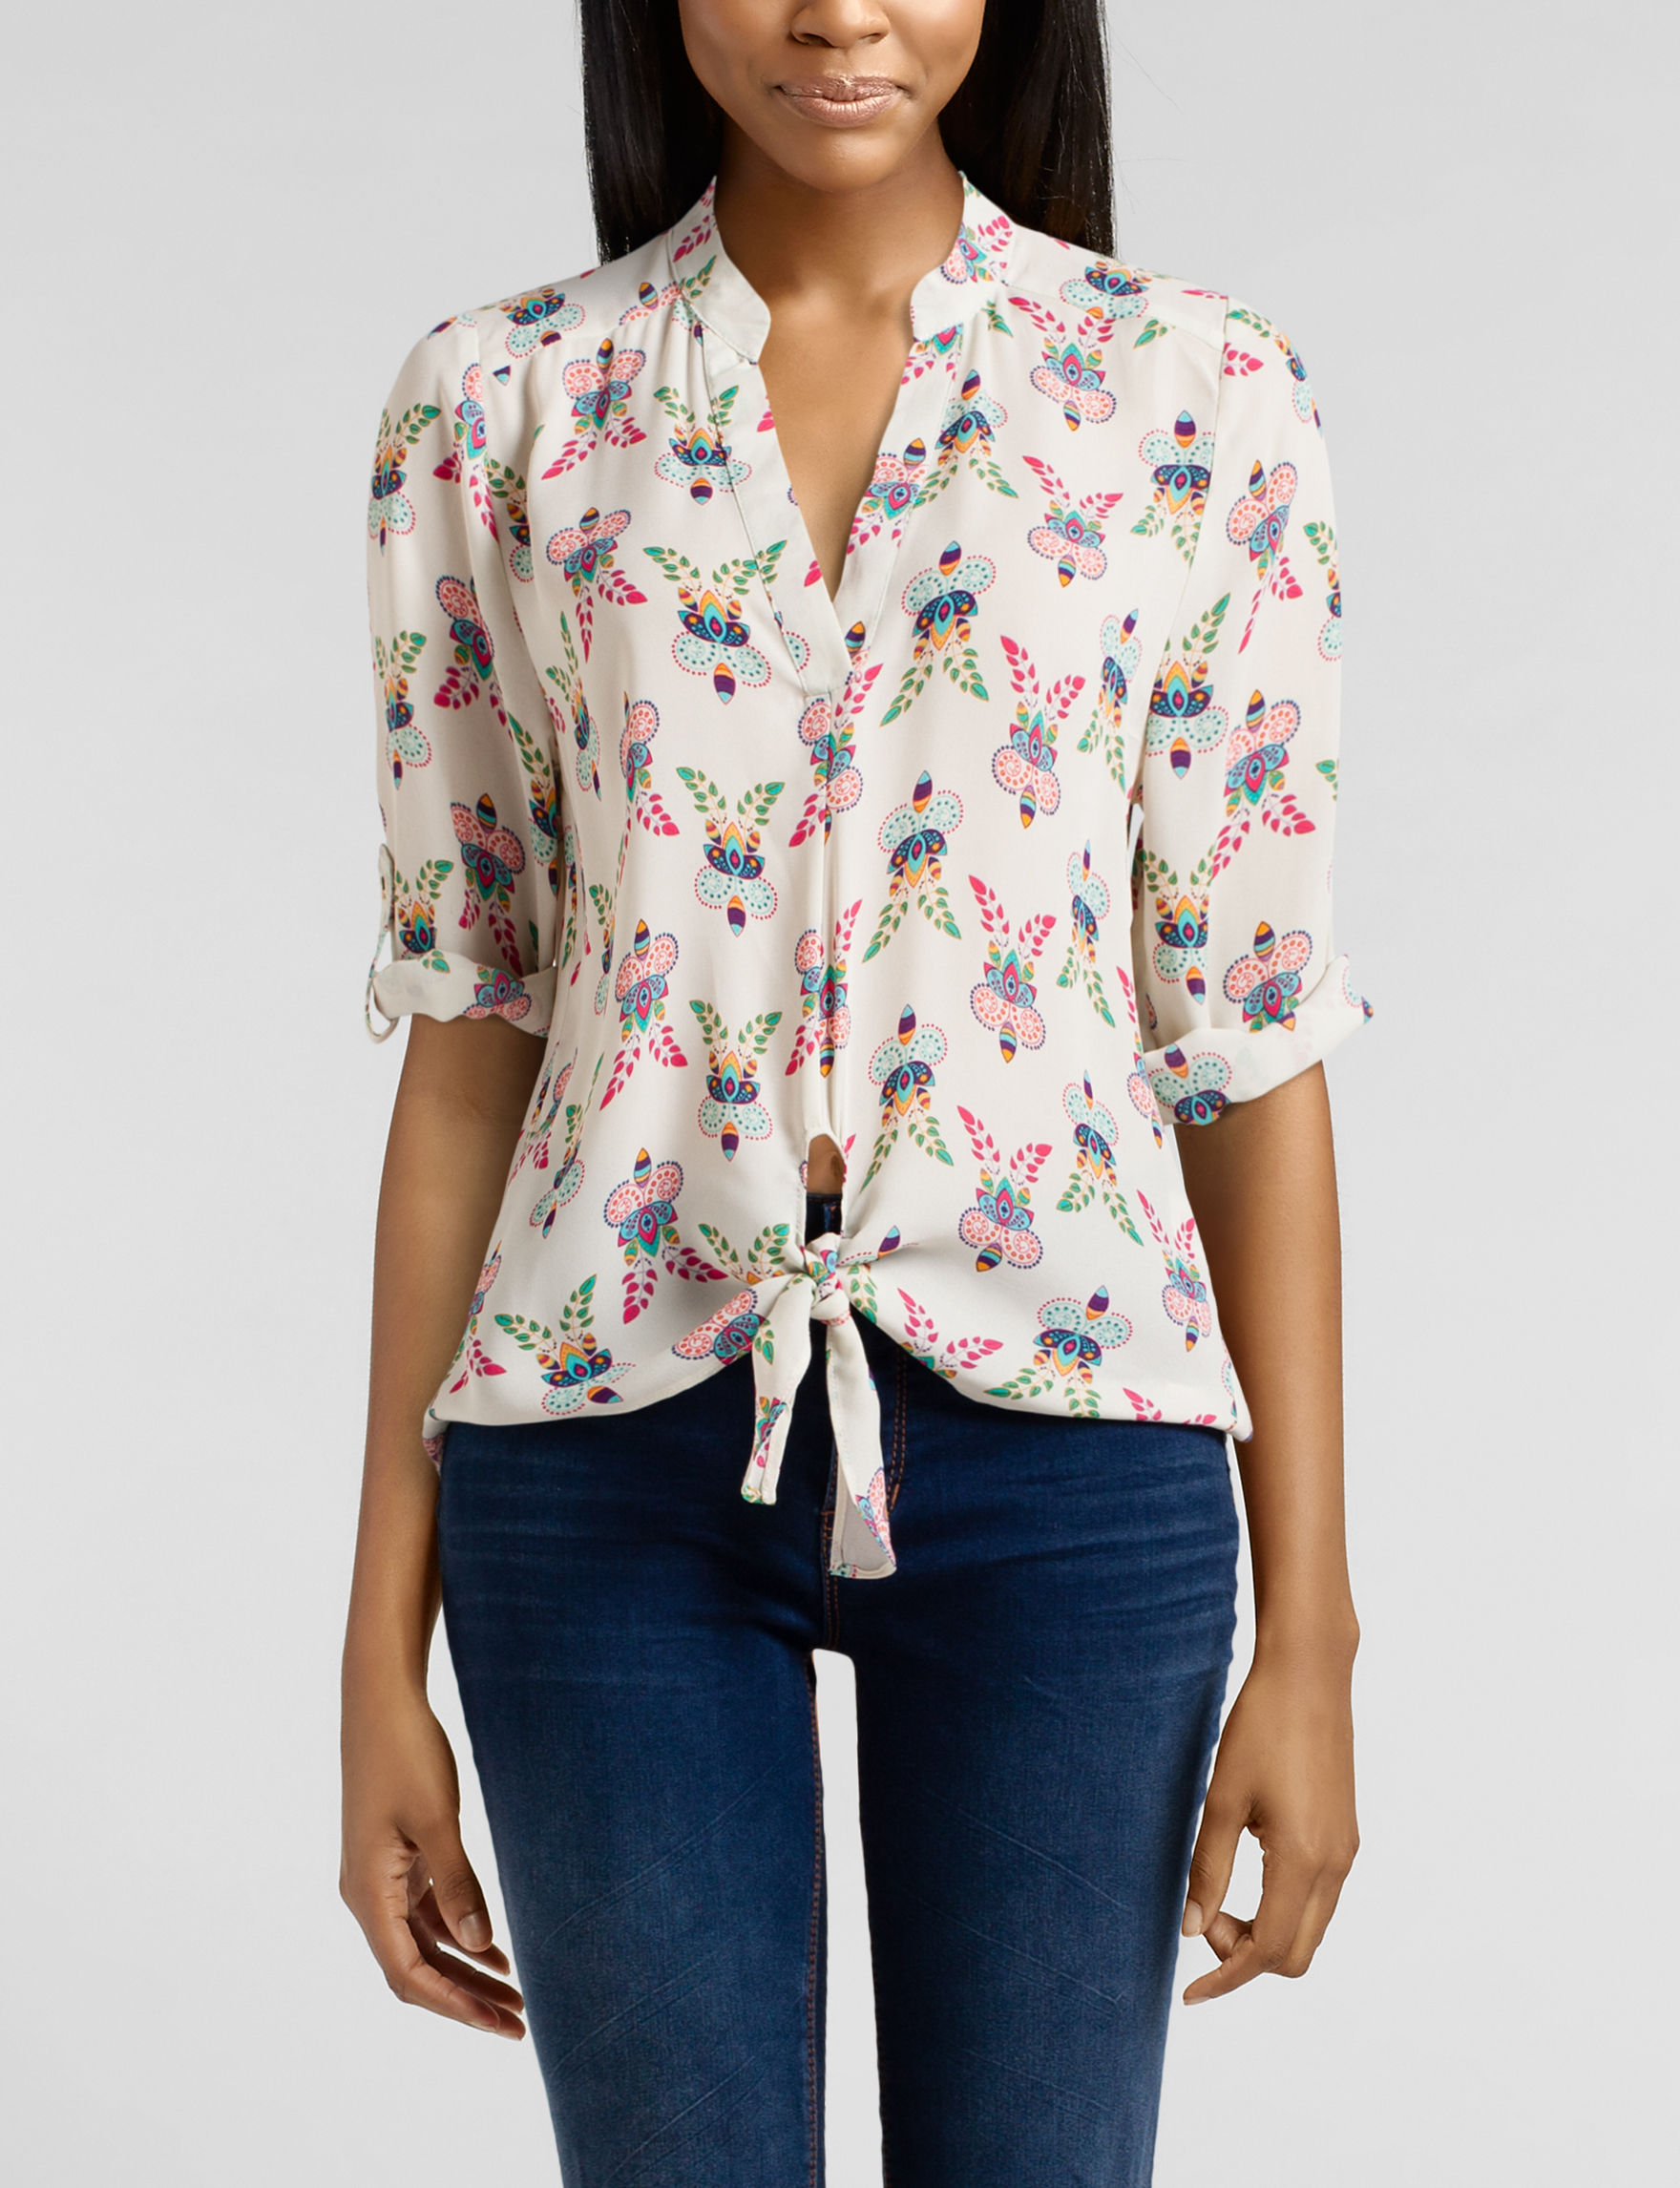 Wishful Park Ivory Multi Shirts & Blouses